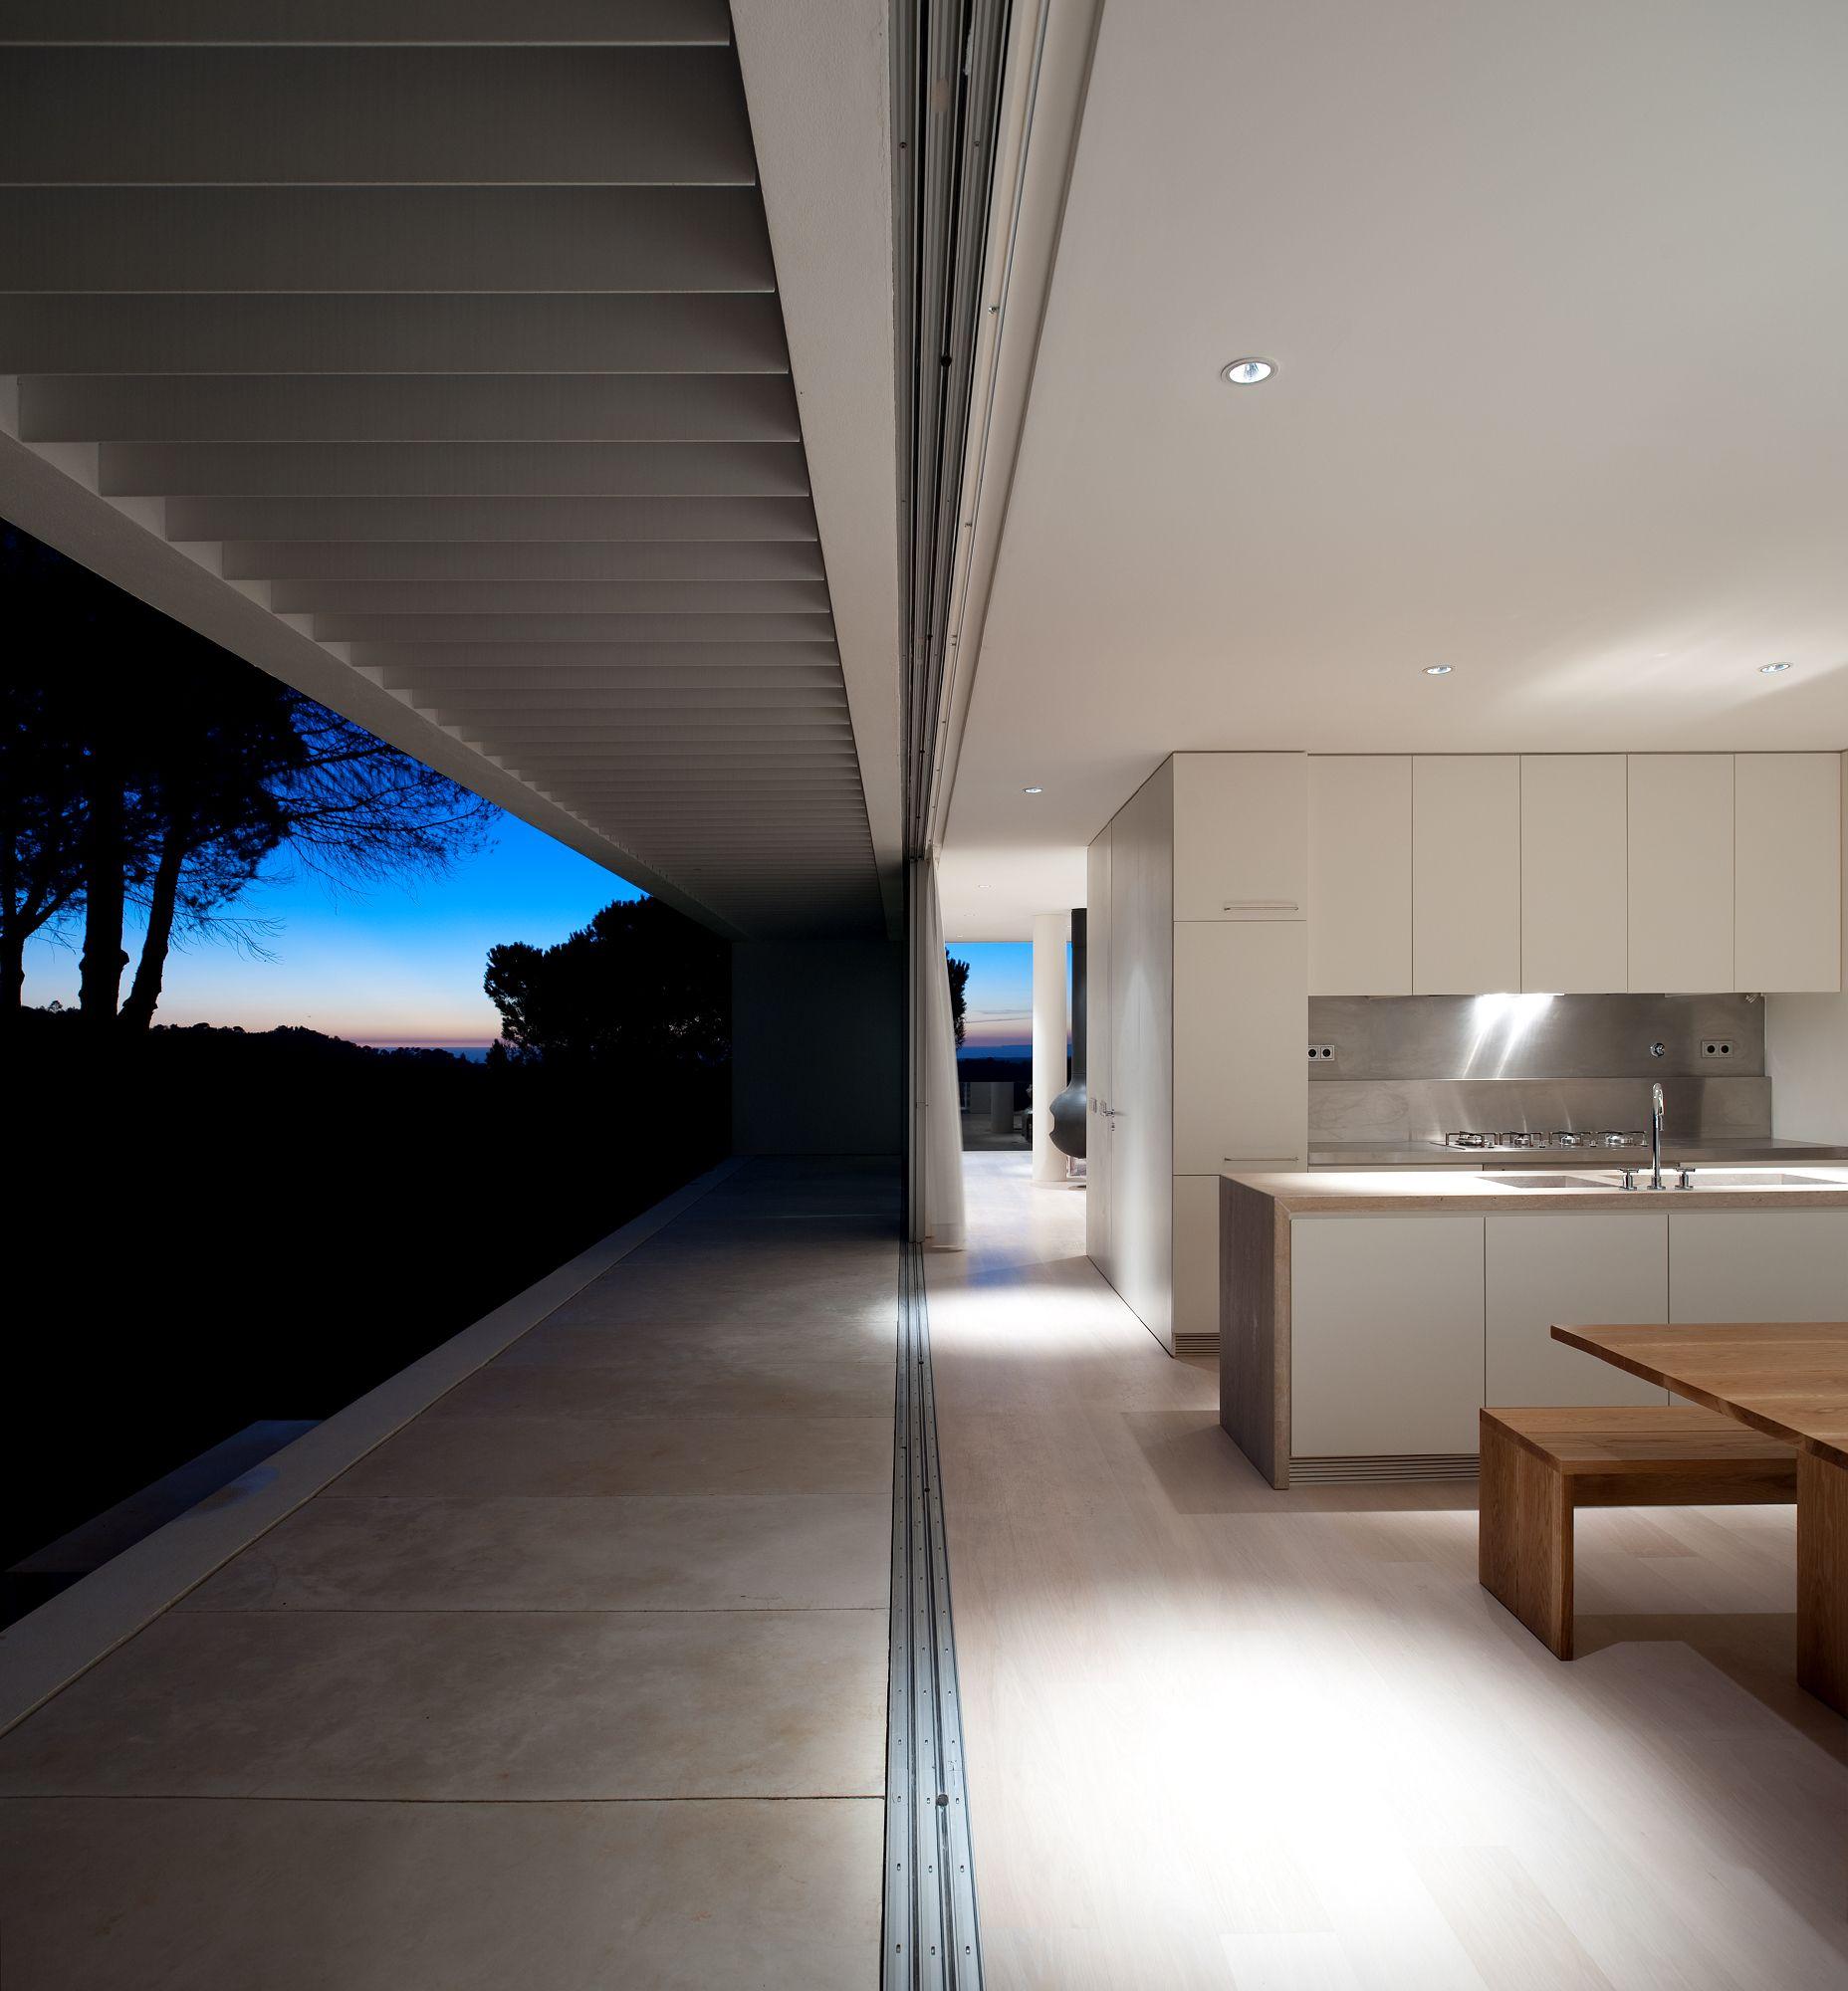 Casa em Melides,© FG+SG – Fernando Guerra, Sergio Guerra